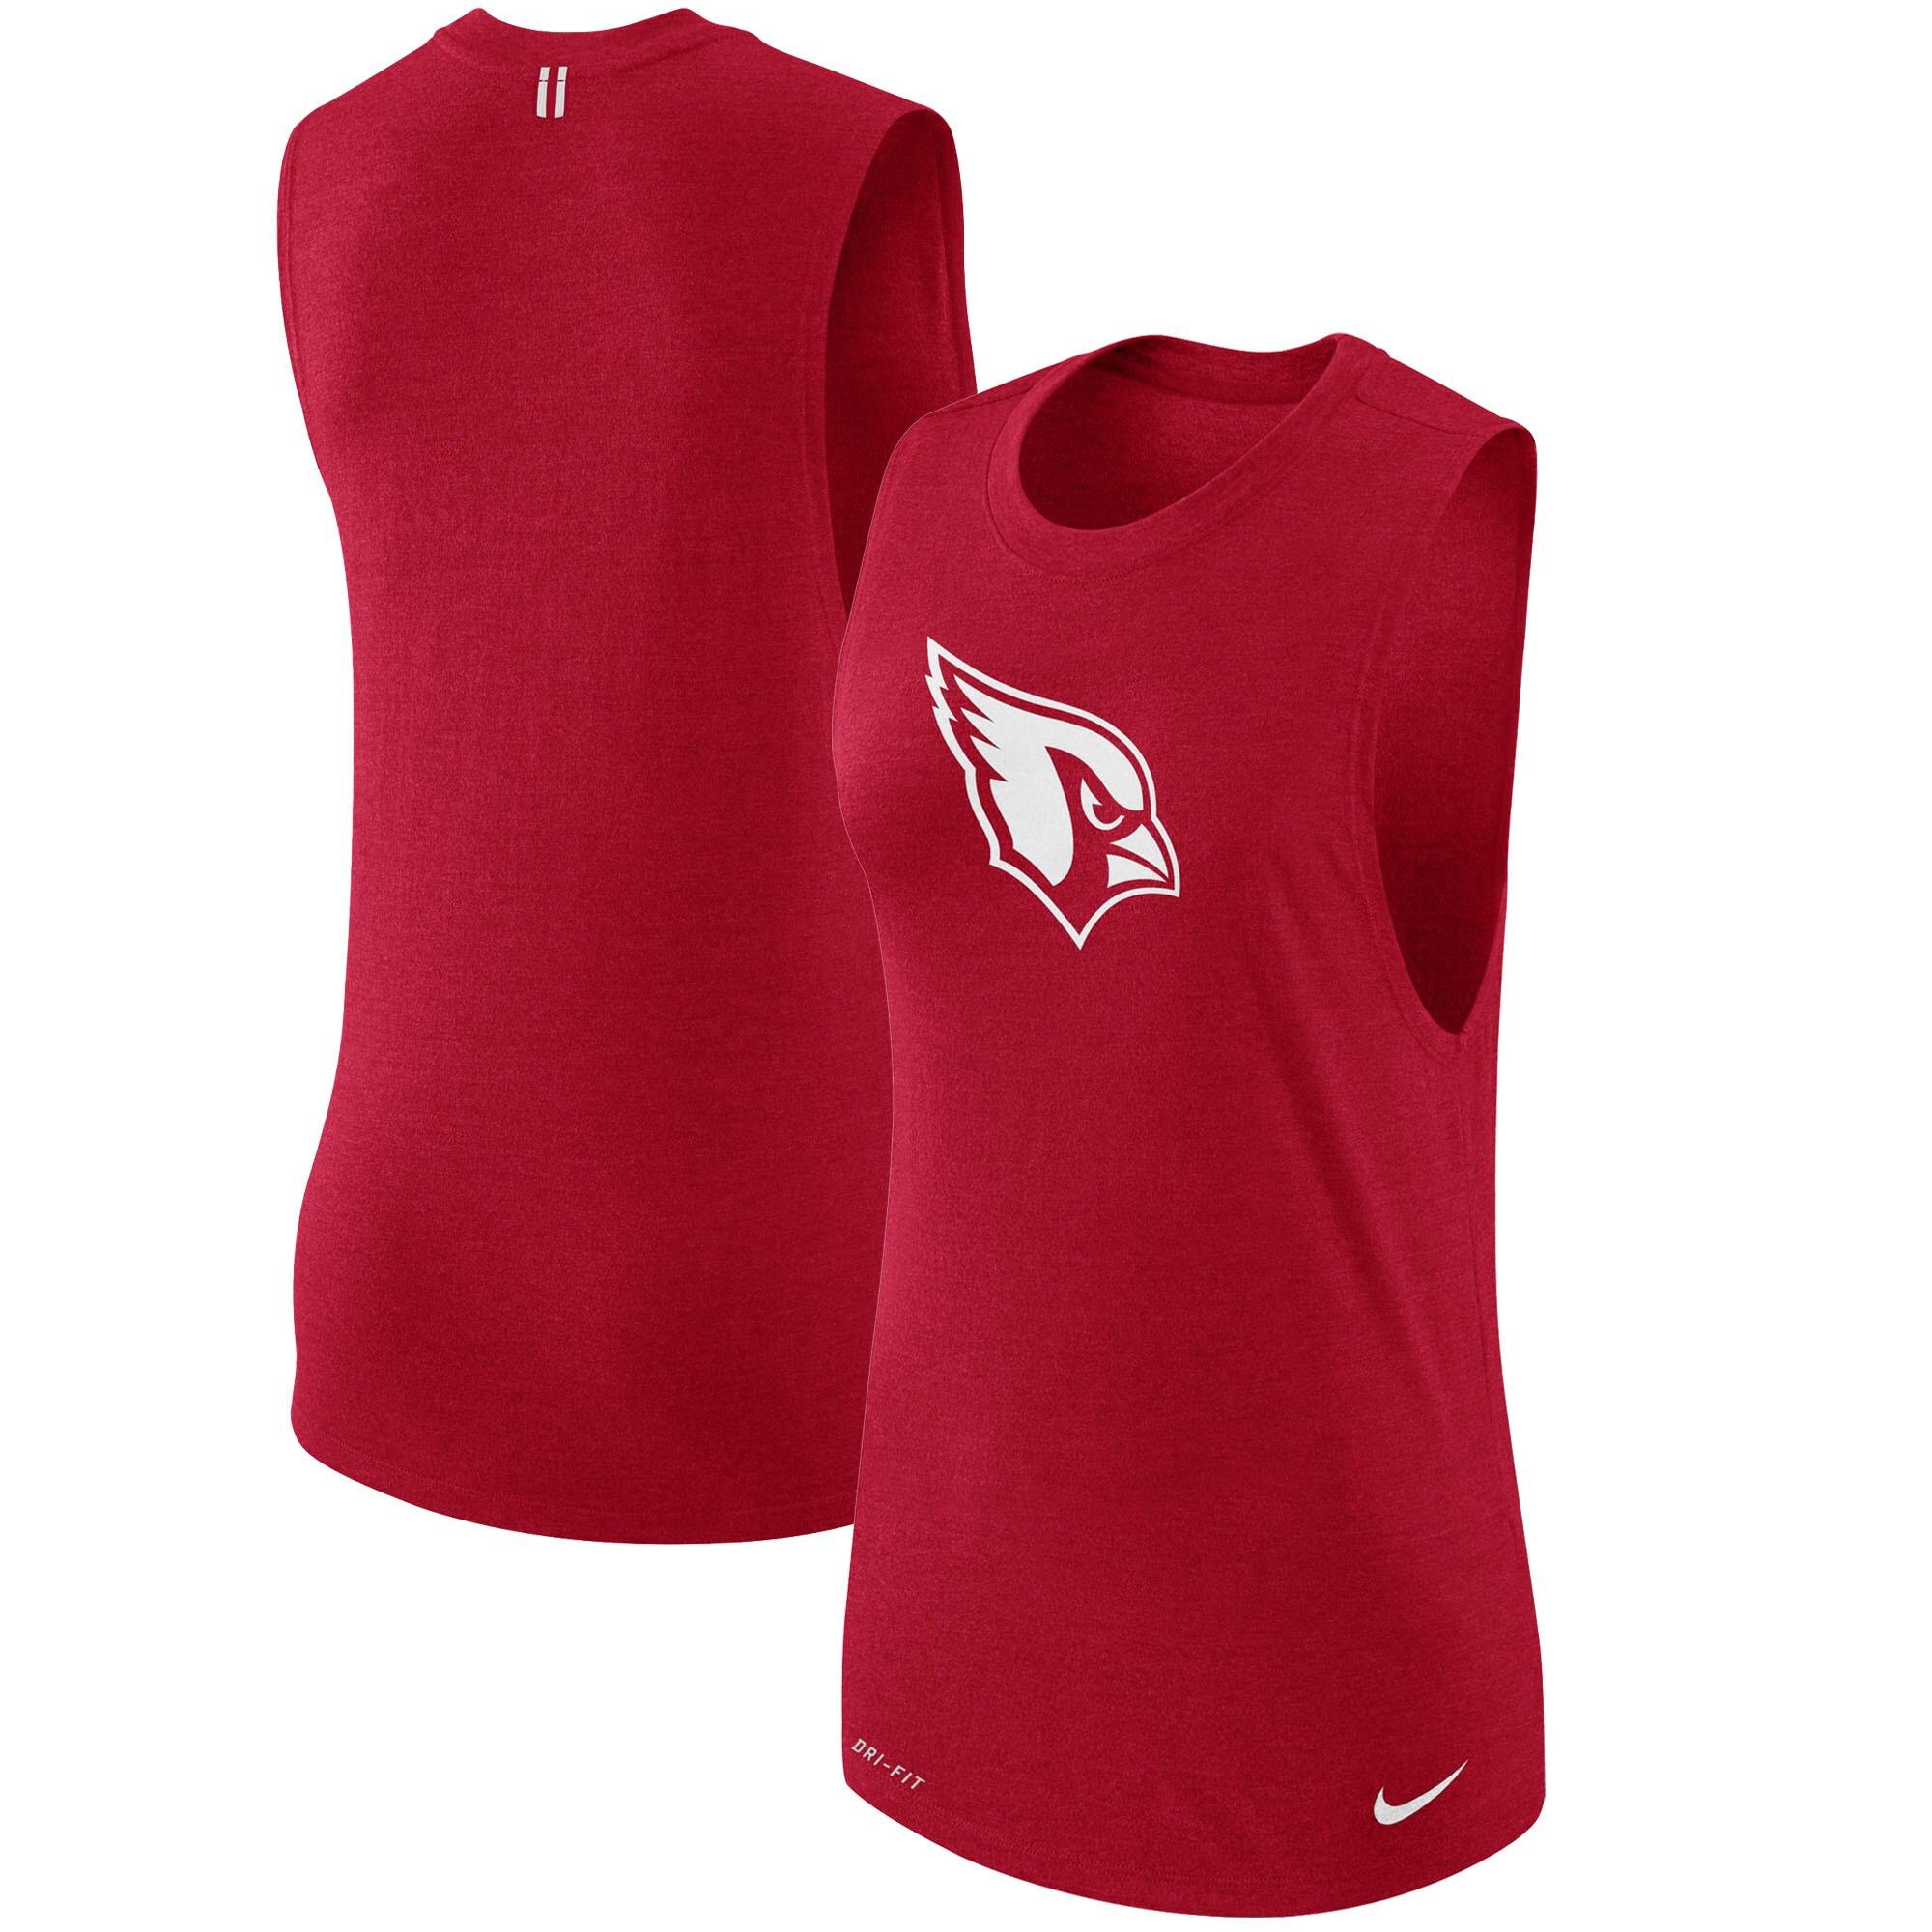 Arizona Cardinals Nike Women's Logo Muscle Performance Tank Top - Cardinal